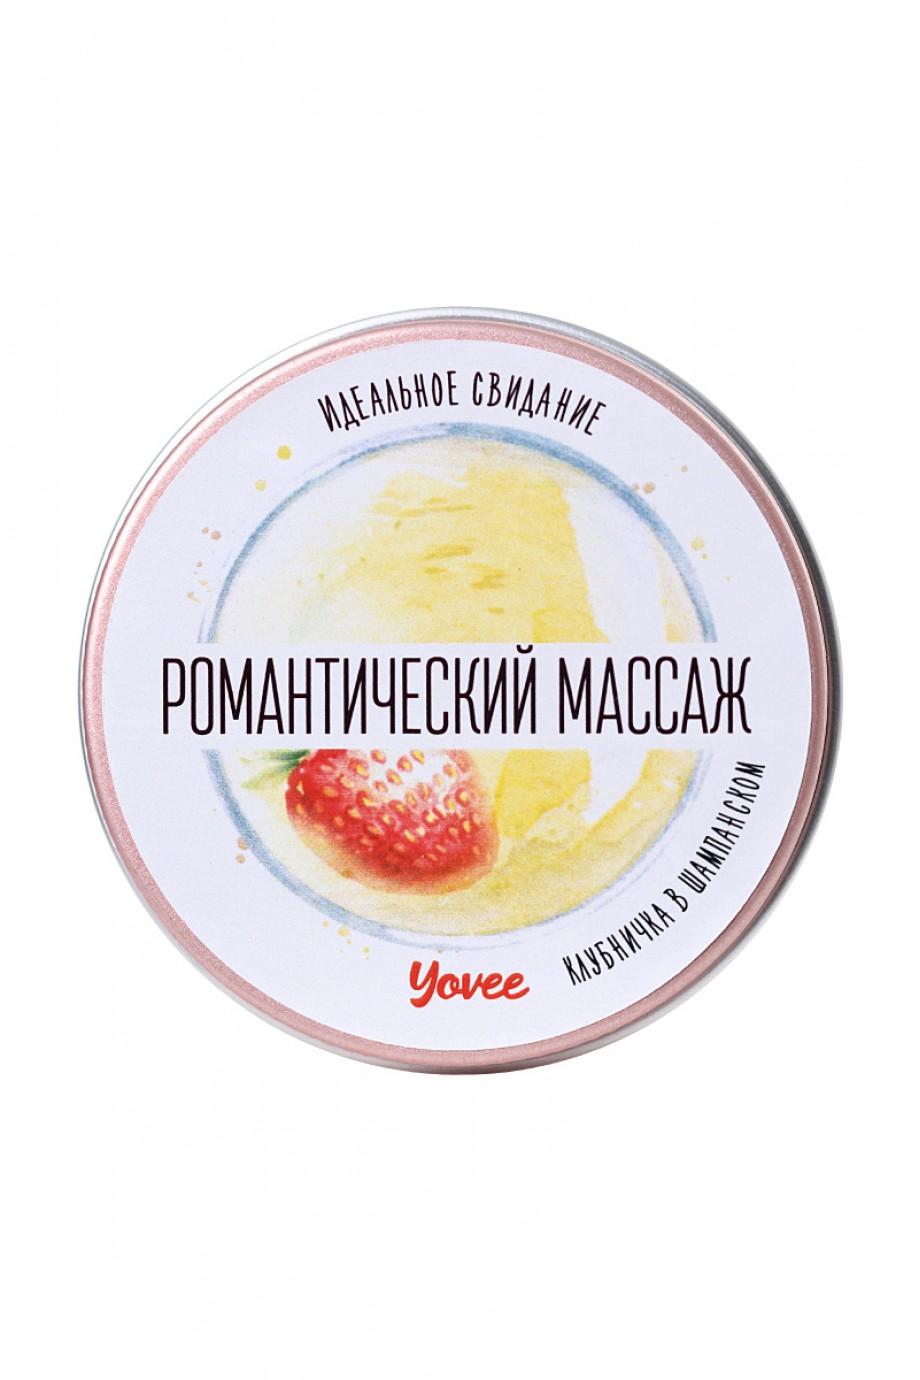 Массажная свеча Yovee by Toyfa «Романтический массаж», с ароматом клубники и шампанского, 30 мл